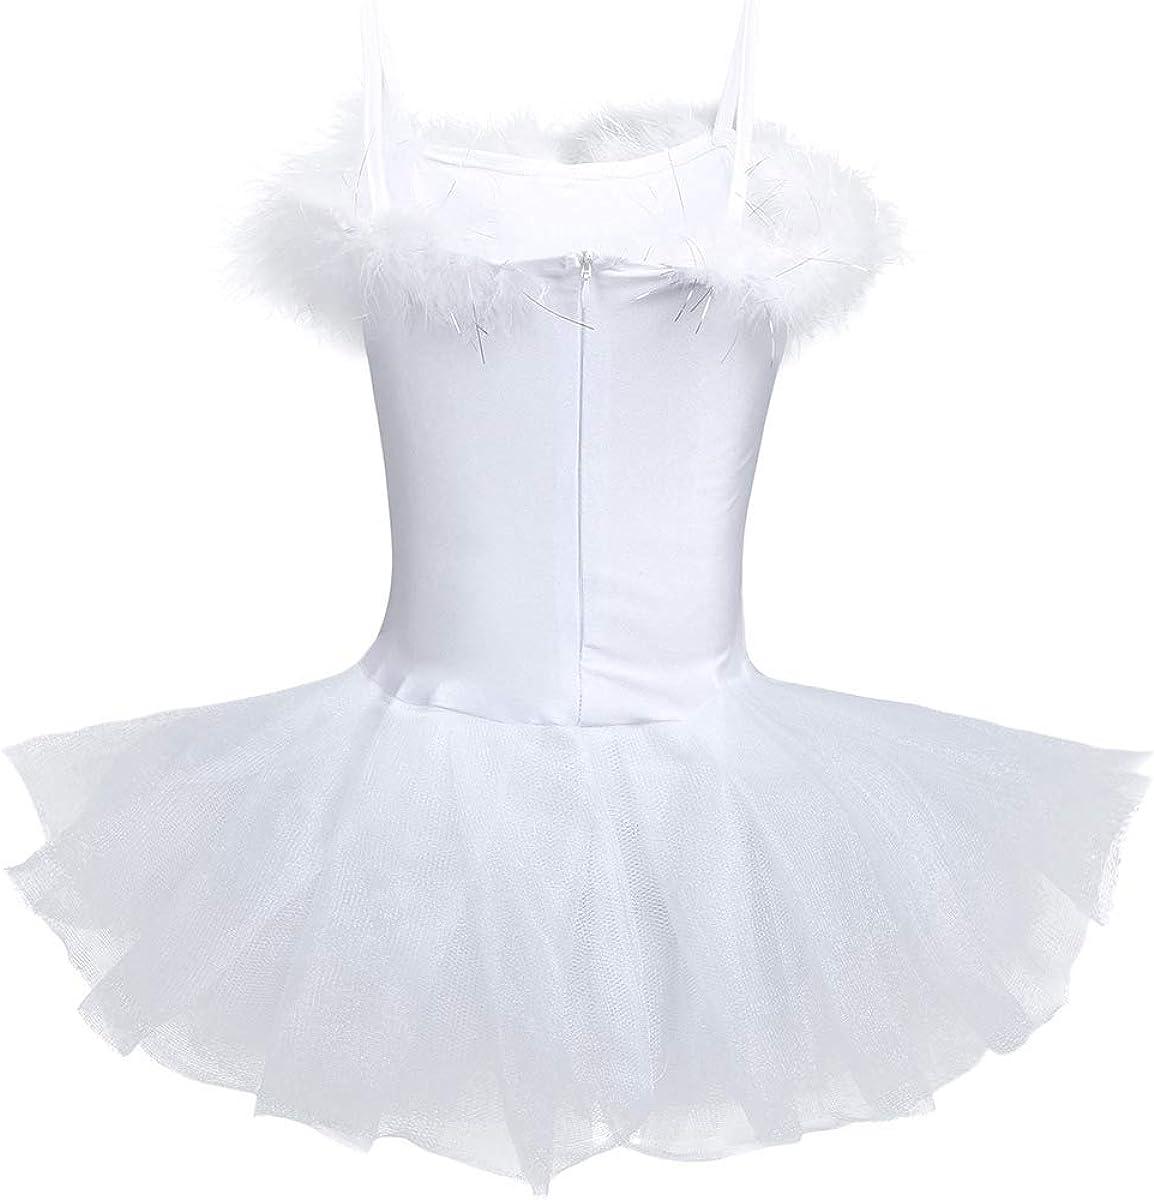 iiniim 3 PCS Robe /à Bretelles Princesse Robe Ballet Tutu Danse Classique Justaucorps Gymnastique Gym Enfant Fille Paillett/és Brillant Ramurede Cerf Costume Danse 4-12 Ans